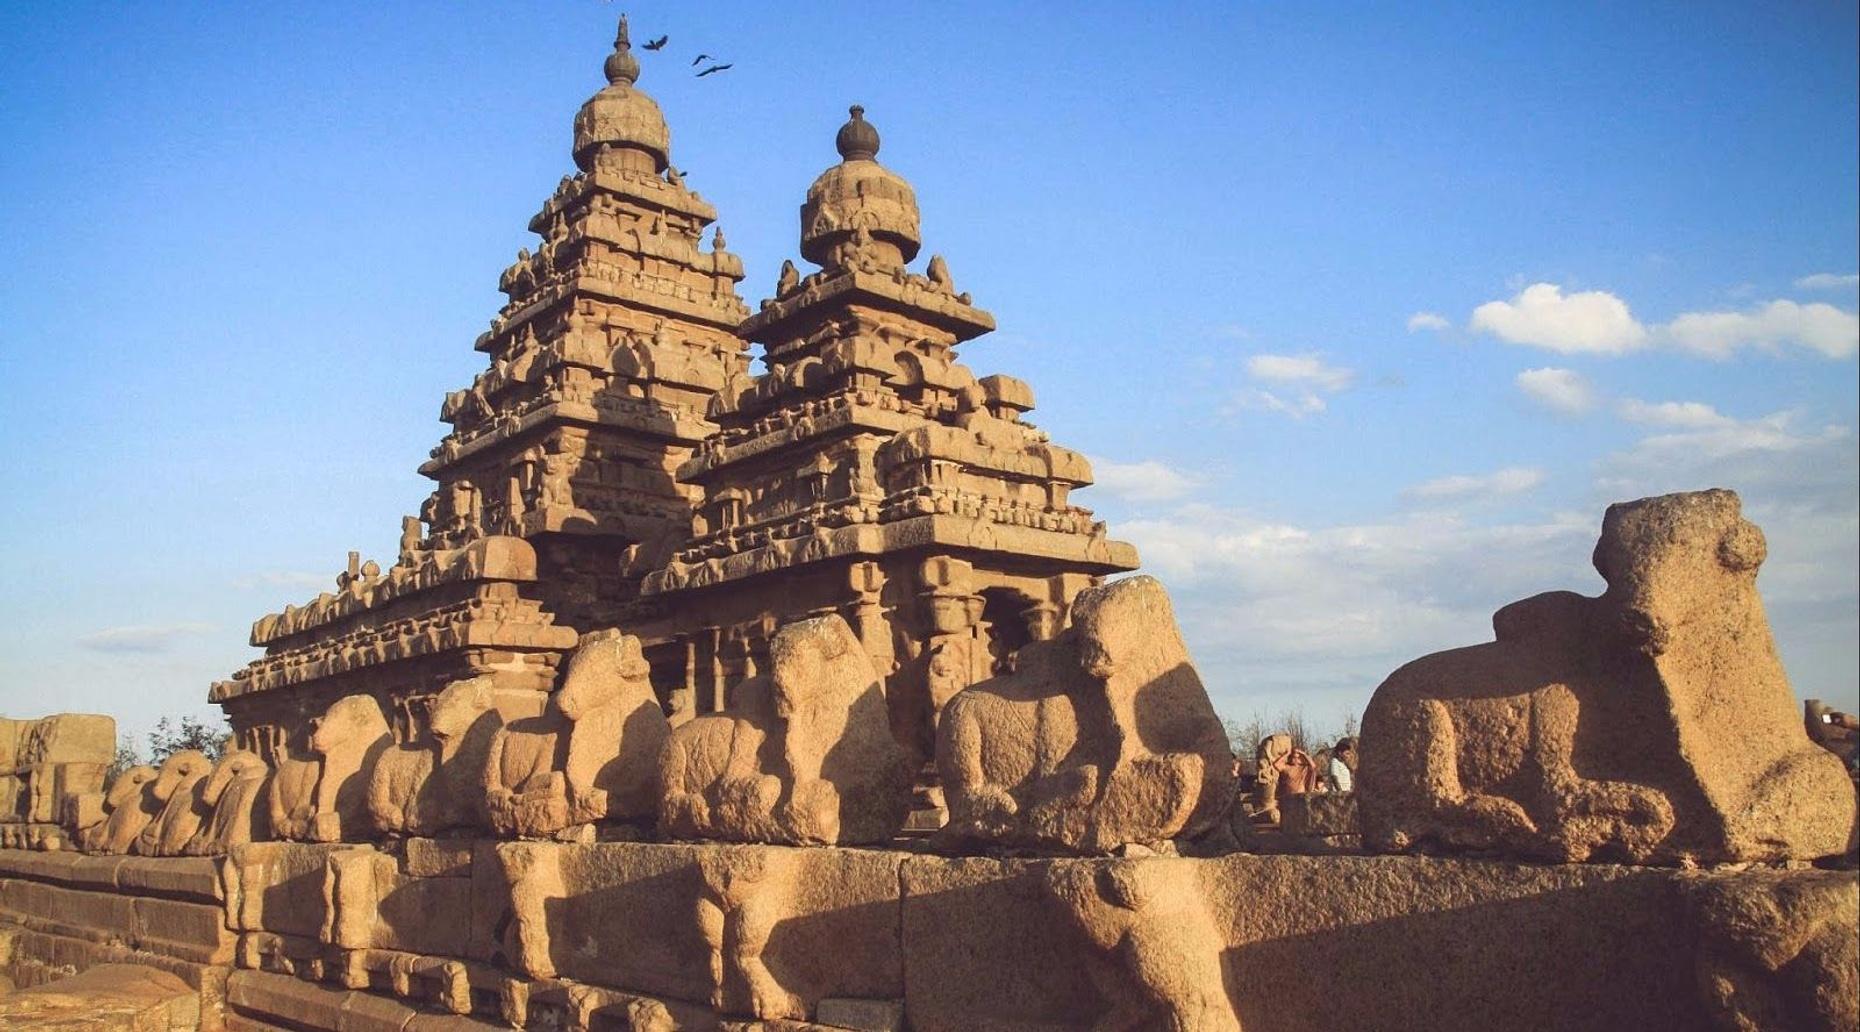 Full-Day Tour of Mahabalipuram from Chennai